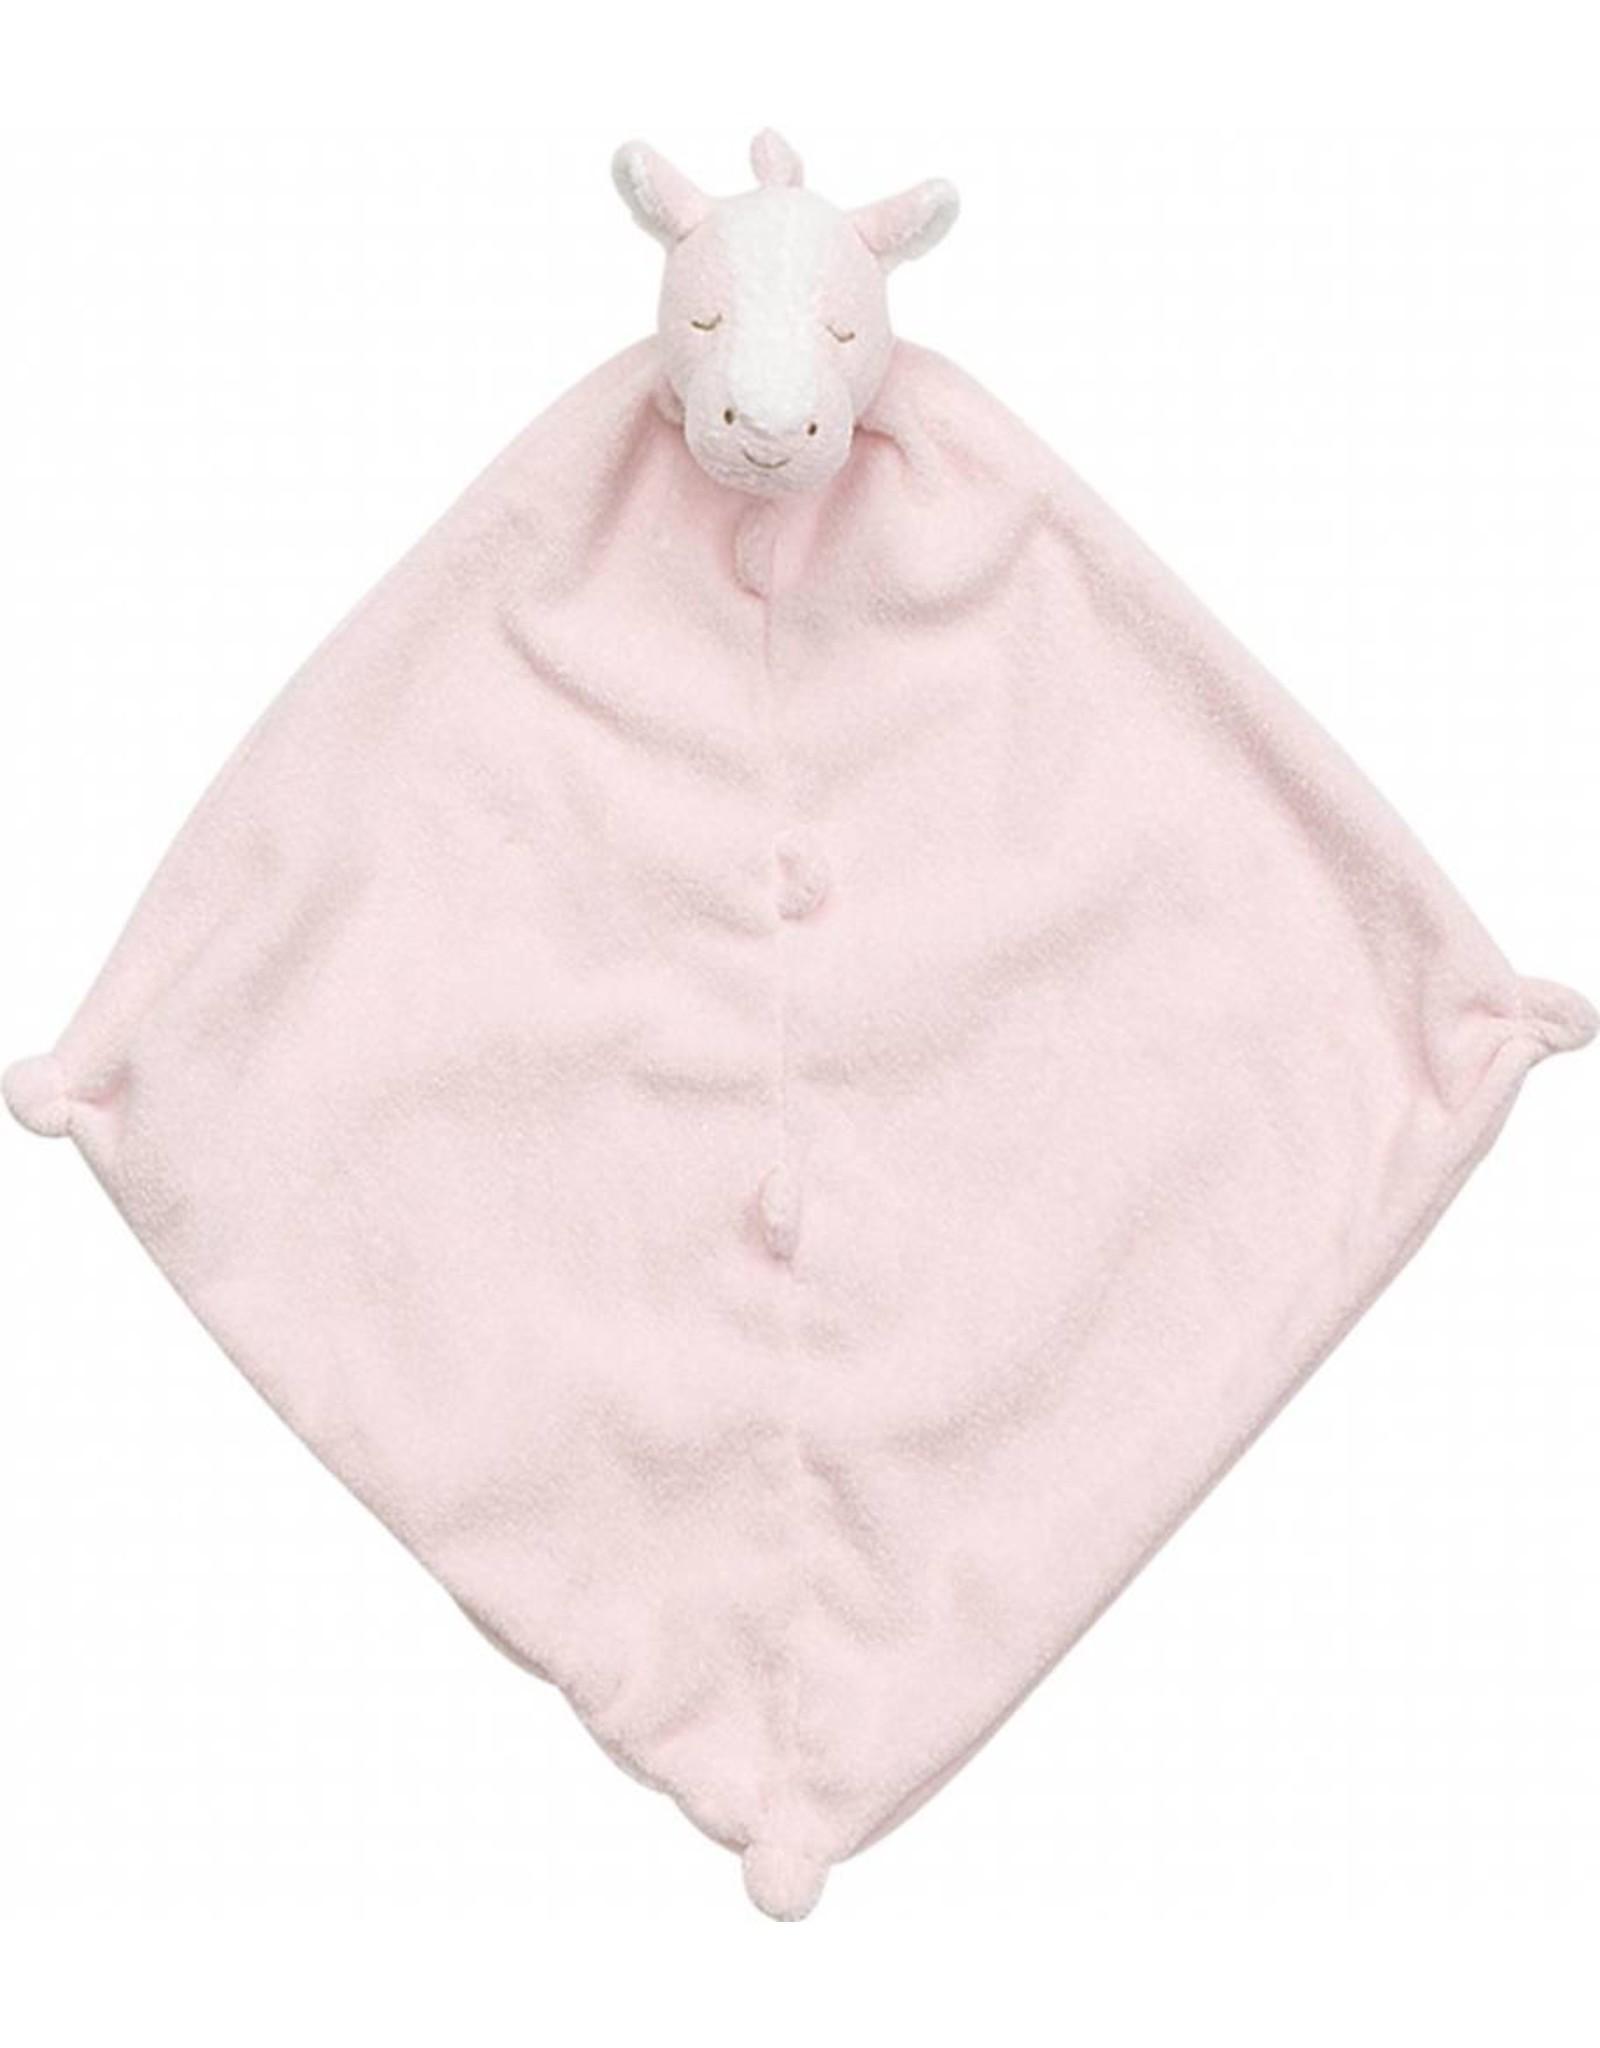 Angel Dear Angel Dear Blankie Pink Pony